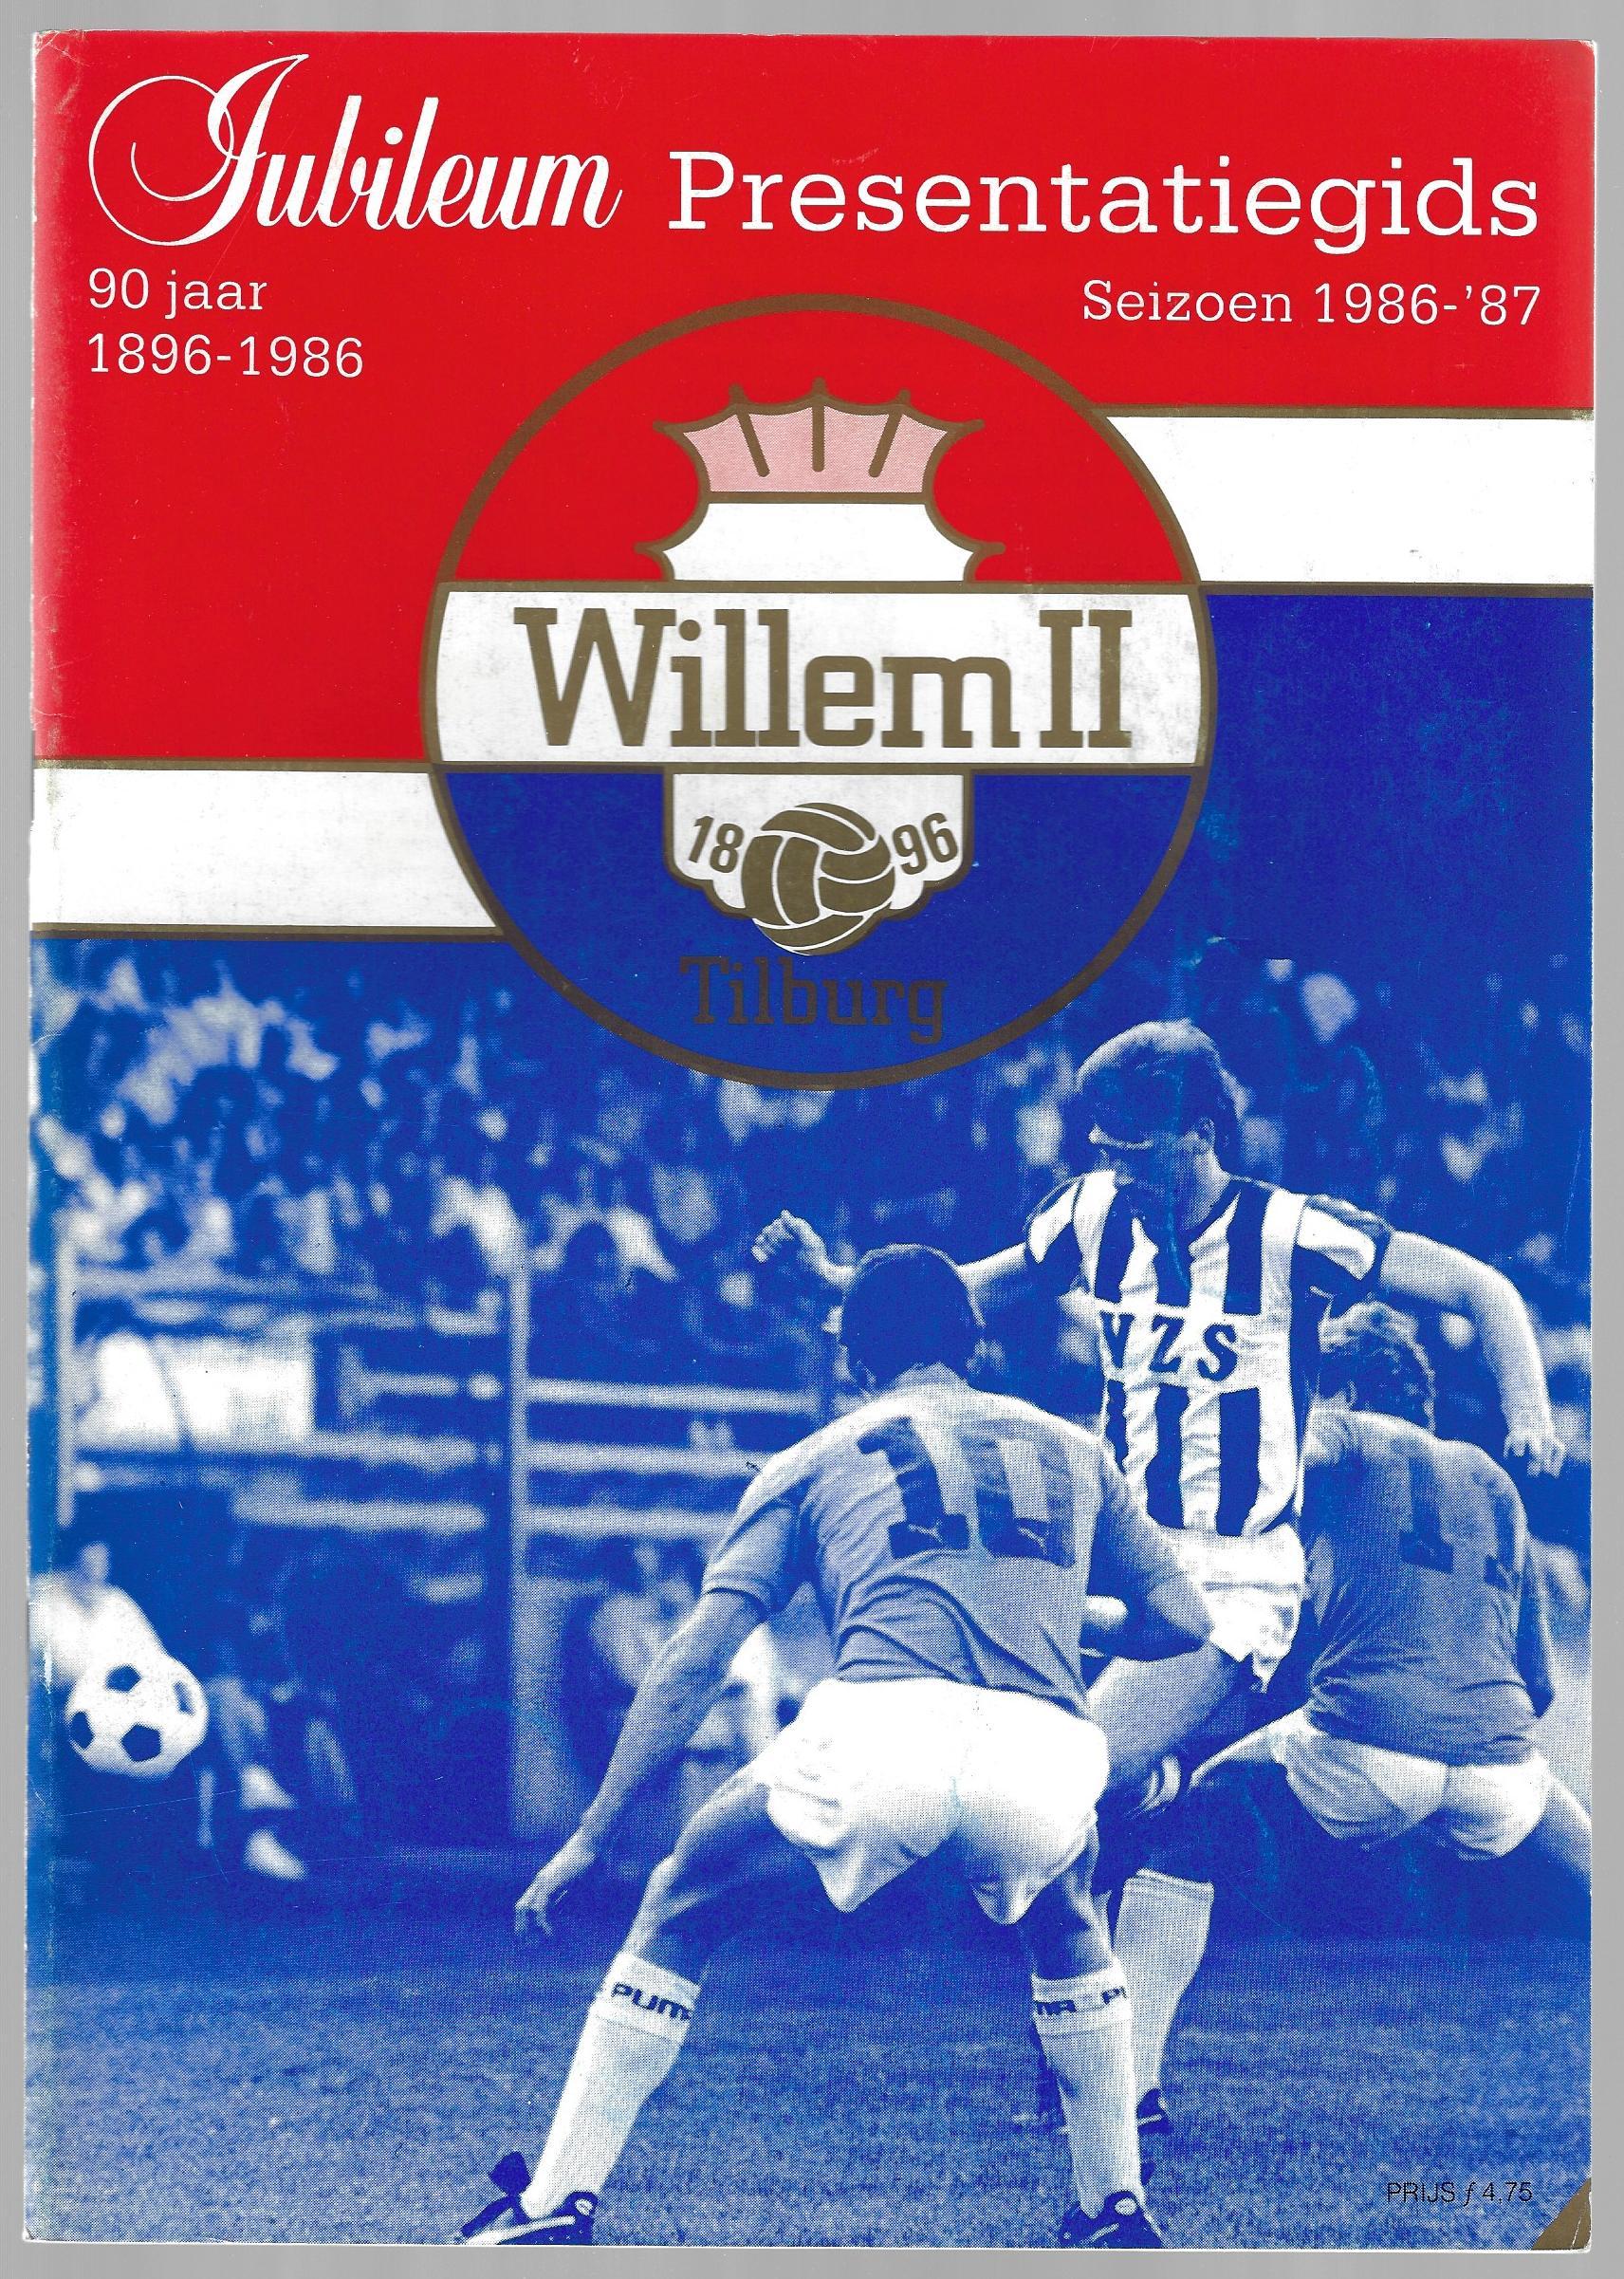 DIVERSE - Jubileum Presentatiegids 90 jaar Willem II 1896-1986 Seizoen 1986-'87